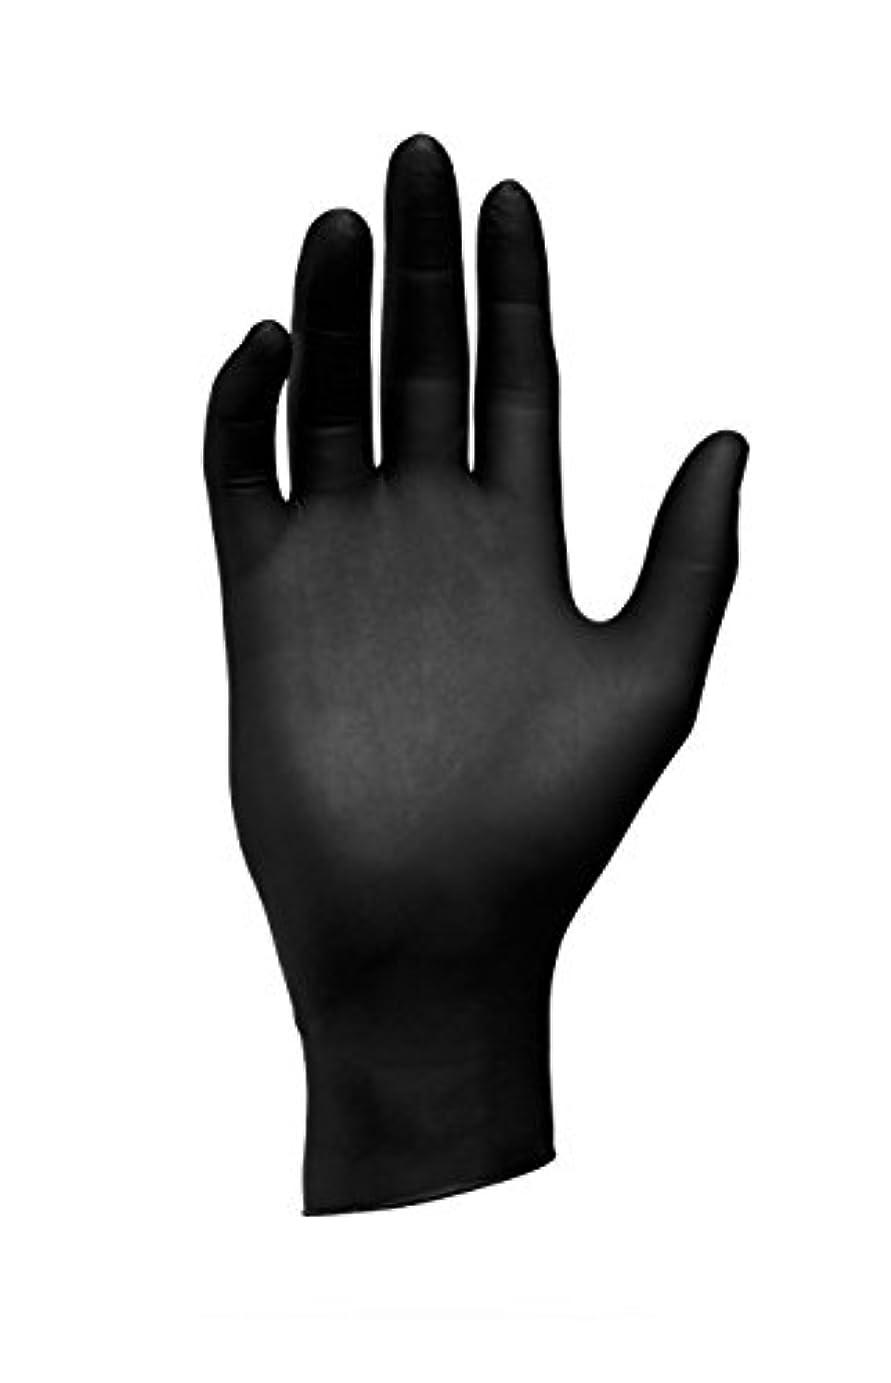 二週間明日依存するエバーメイト センパーガード ニトリルブラックグローブ ブラック L(8.0~8.5インチ)甲幅10cm 100枚入 6個セット